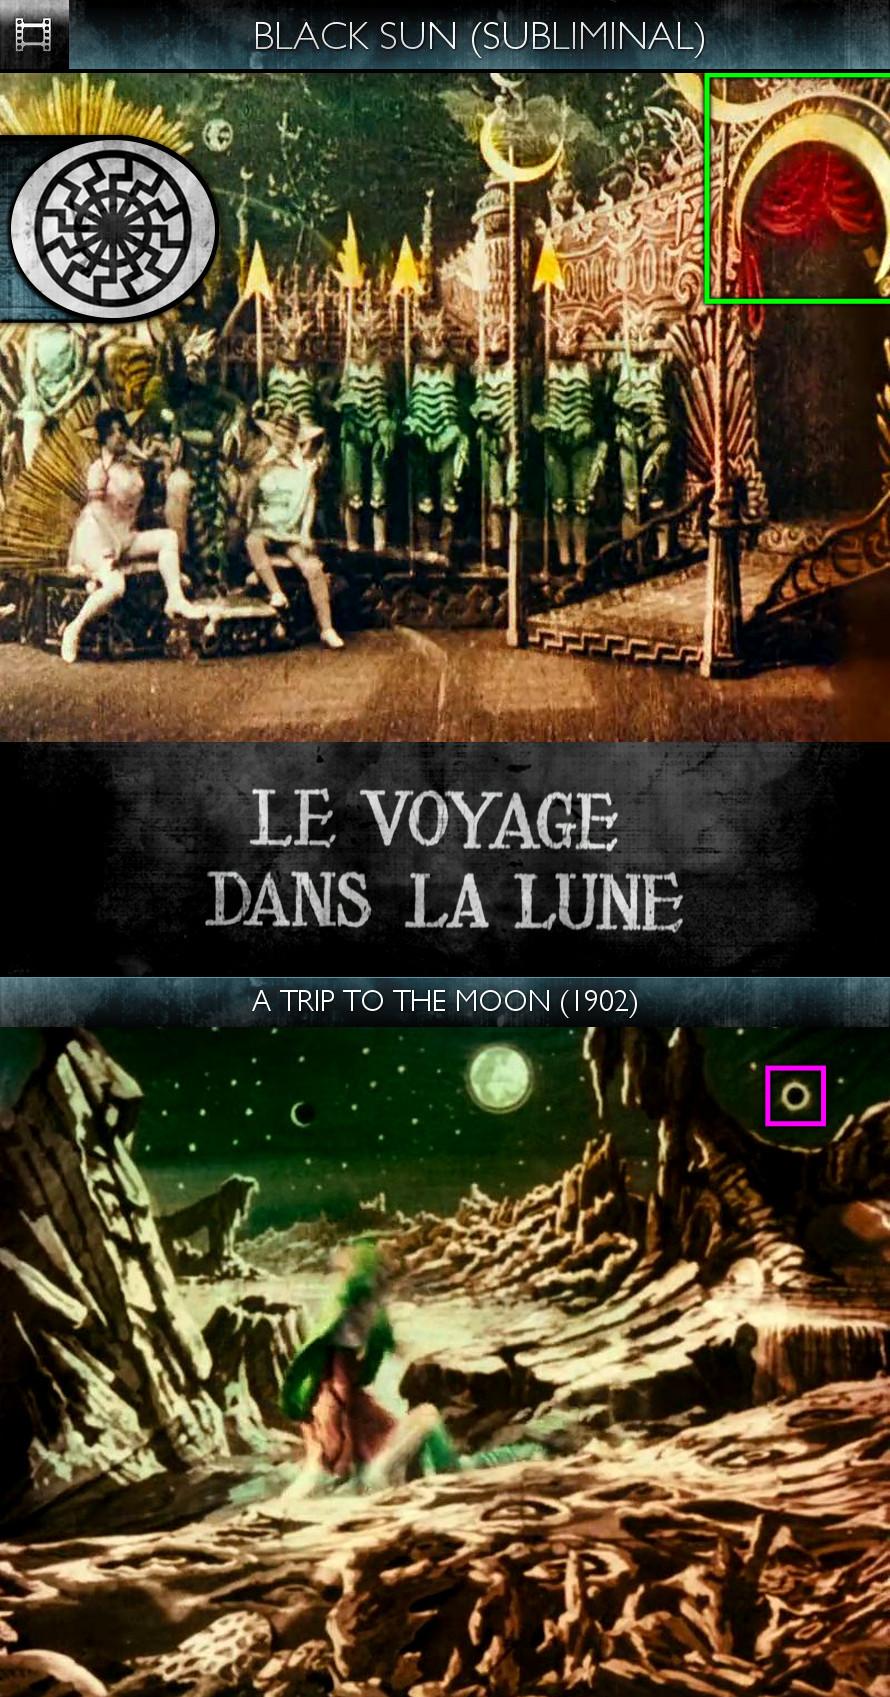 Voyage dans la Lune (A Trip to the Moon) (1902) - Black Sun - Subliminal